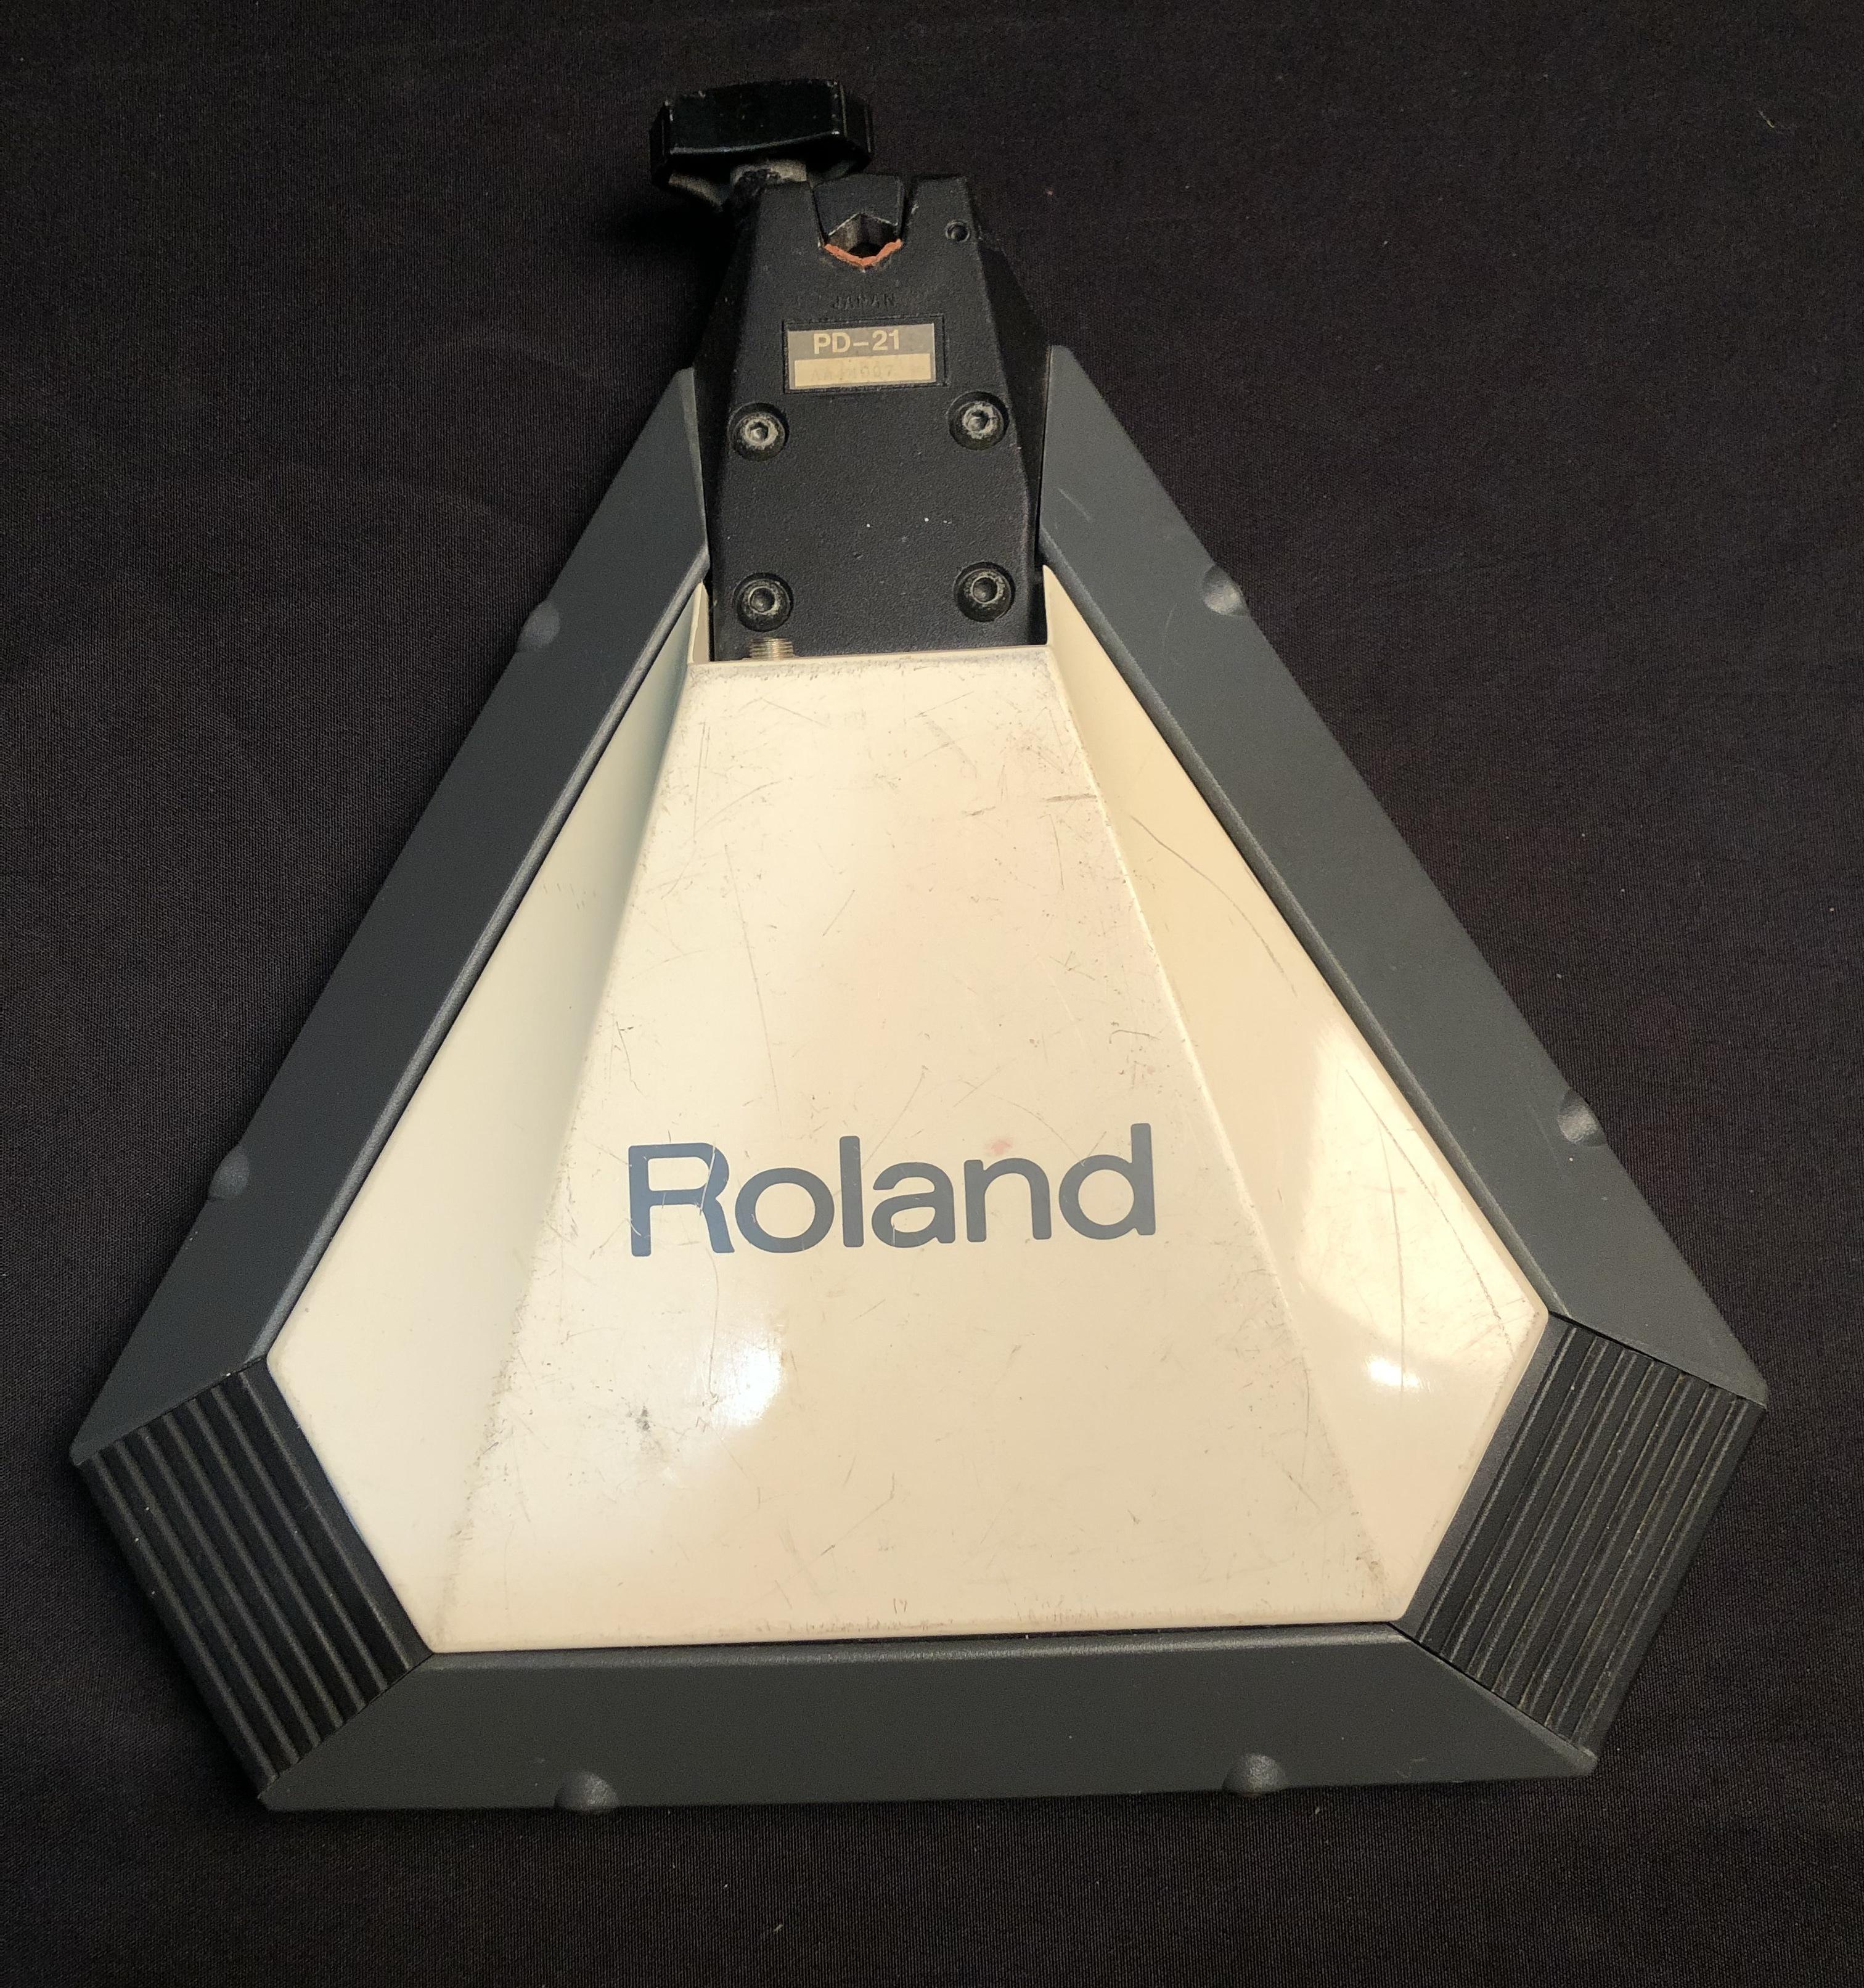 ROLAND - PD-21 Drum Trigger